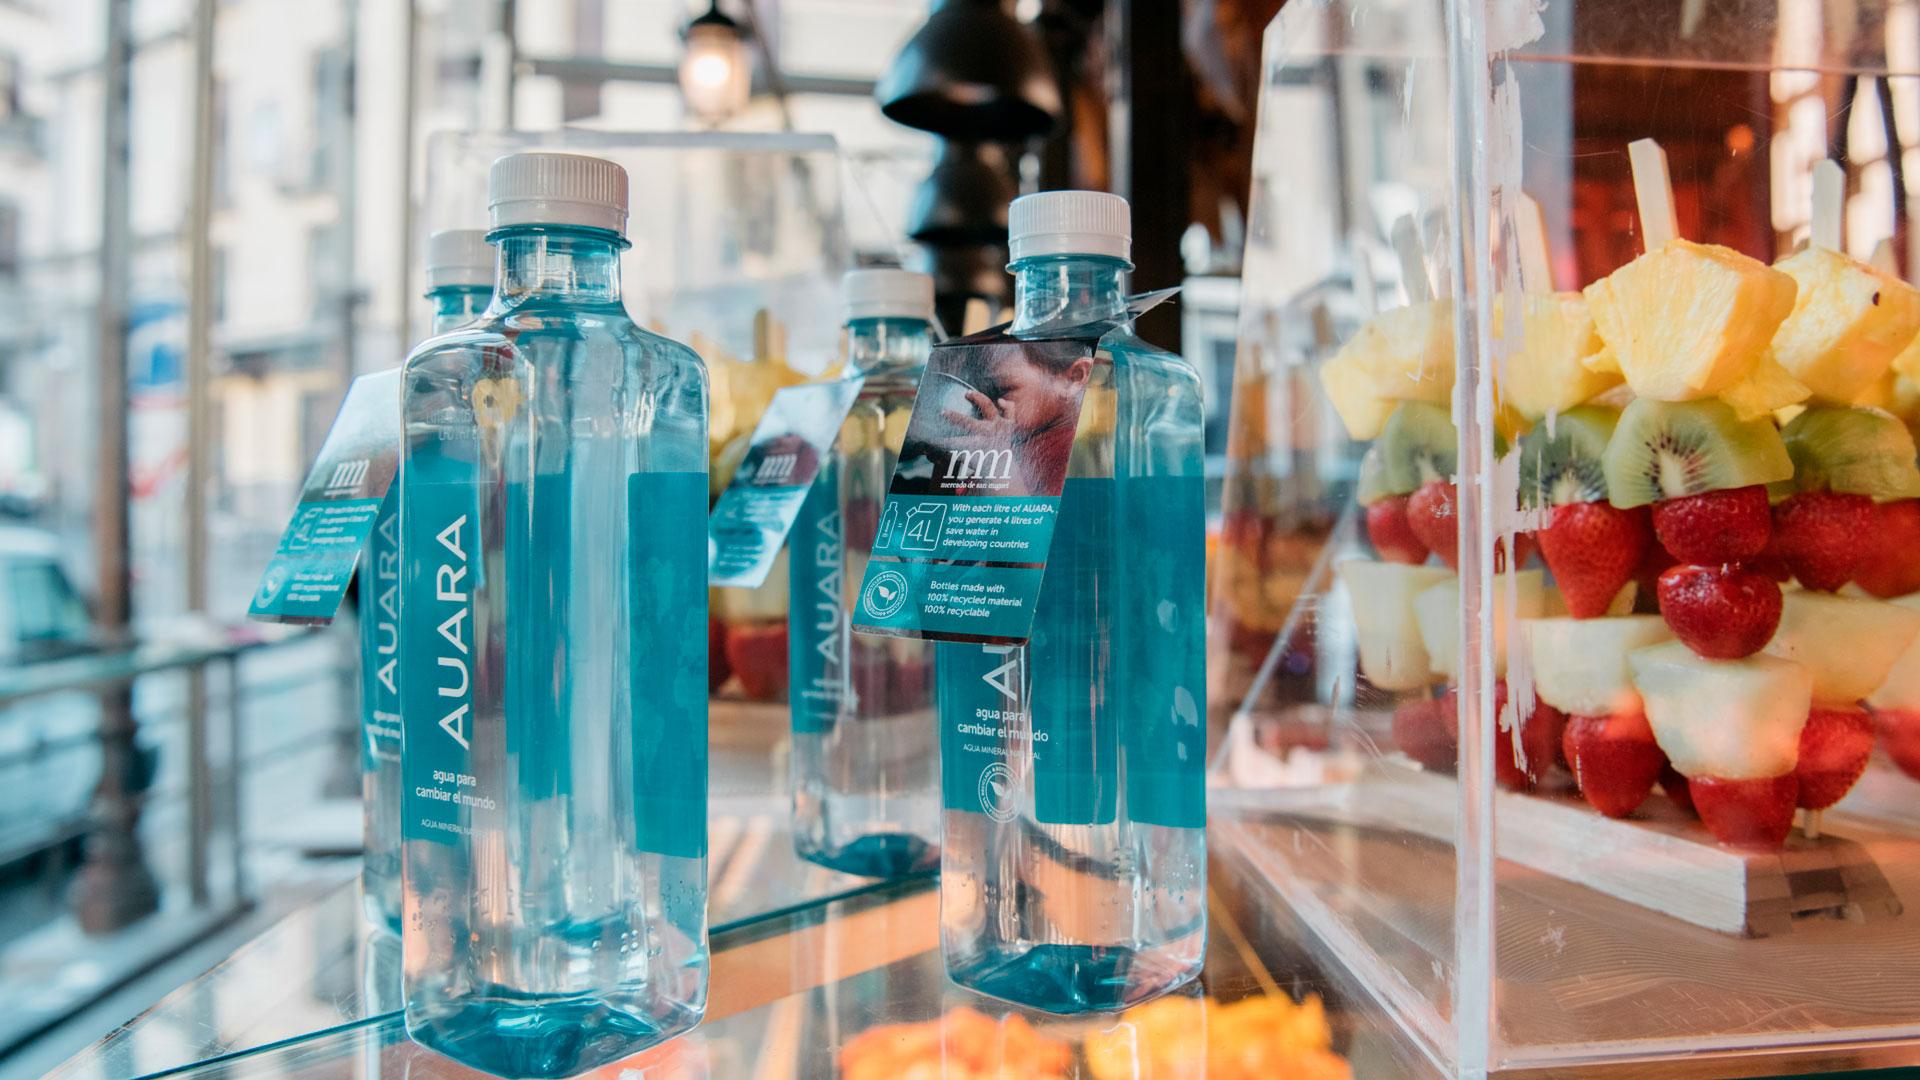 Agua solidaria hero asset